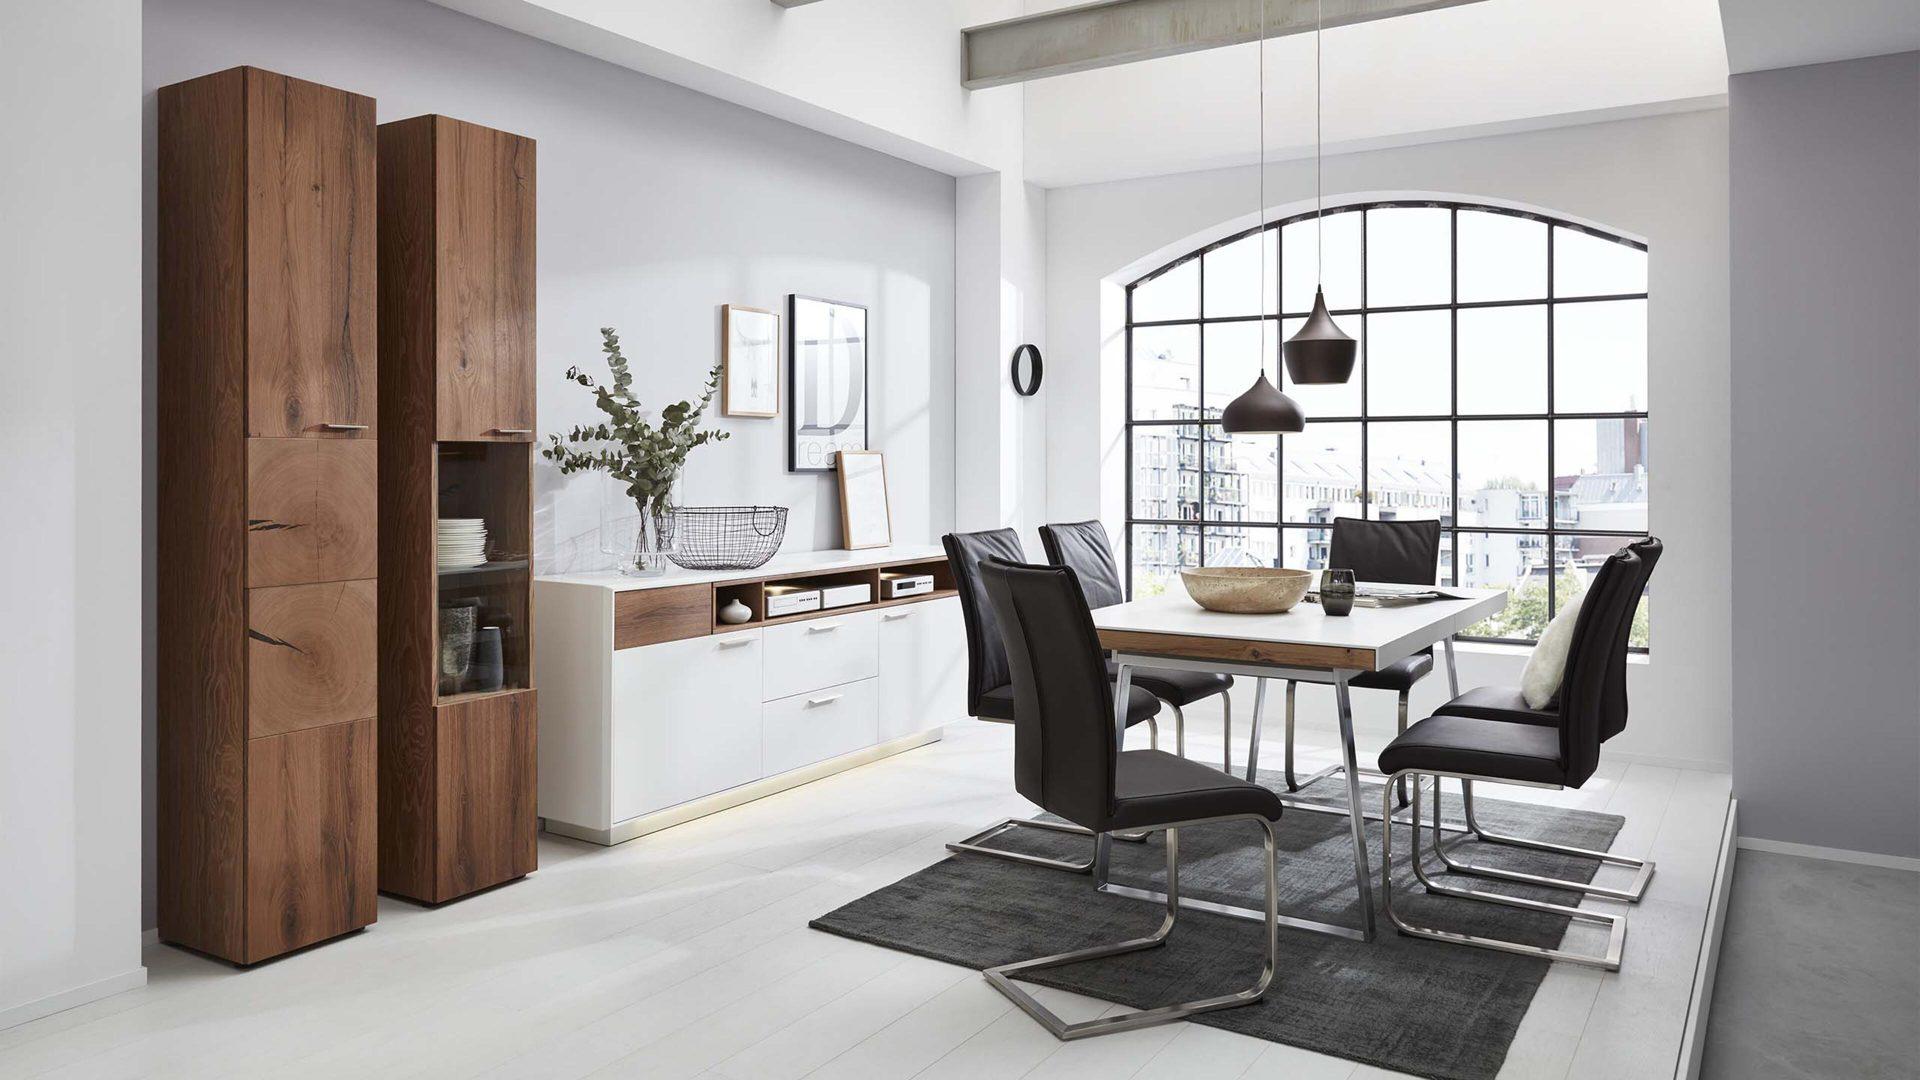 auszugtisch die hausmarke il aus holz in weiss interliving wohnzimmer serie 2102 esstisch dunkles